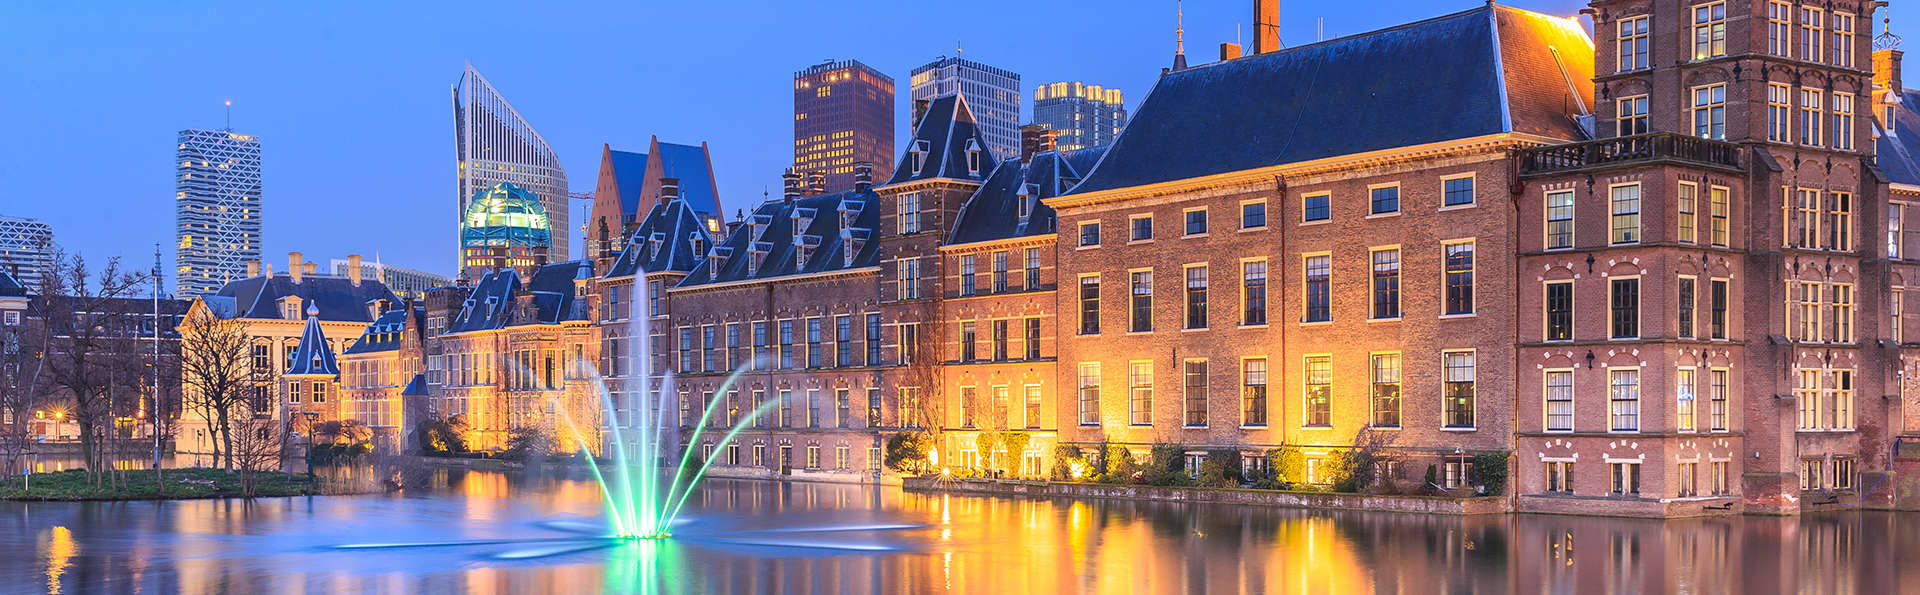 Week-end à La Haye plein de détente et de confort (à partir de 2 nuits)